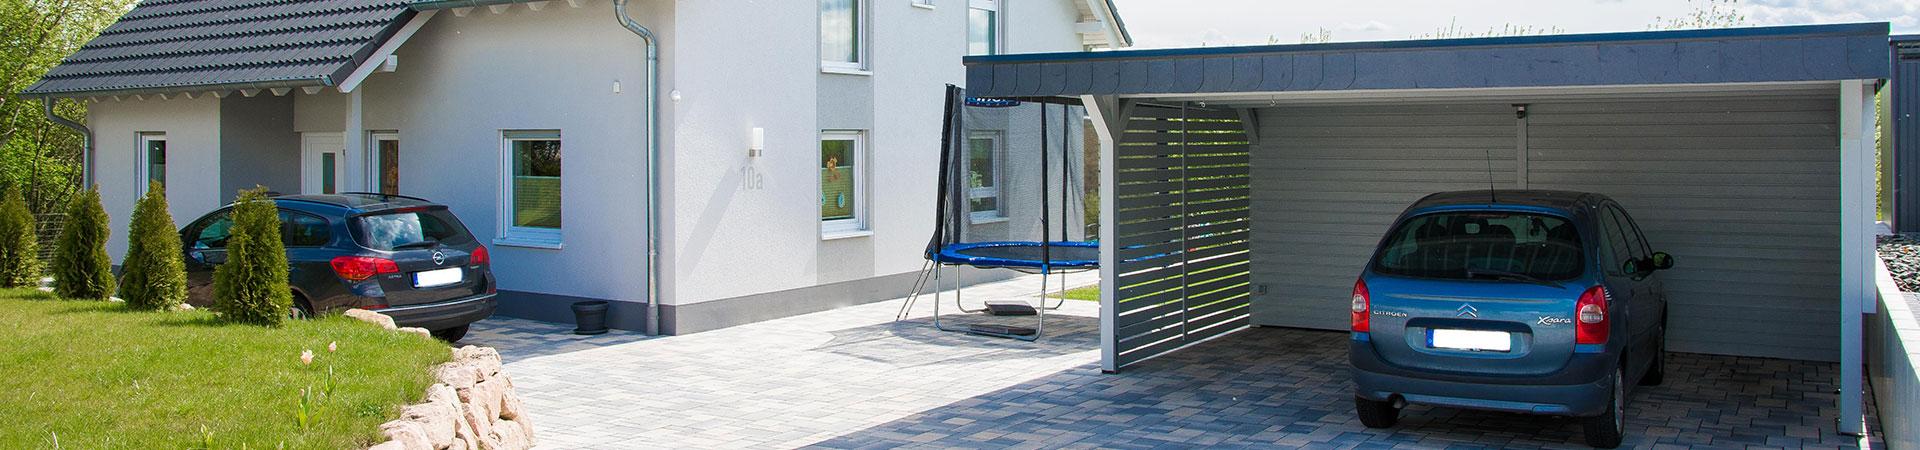 dachneigung berechnen flachdach flachdach geflle oder dachneigung with dachneigung berechnen. Black Bedroom Furniture Sets. Home Design Ideas